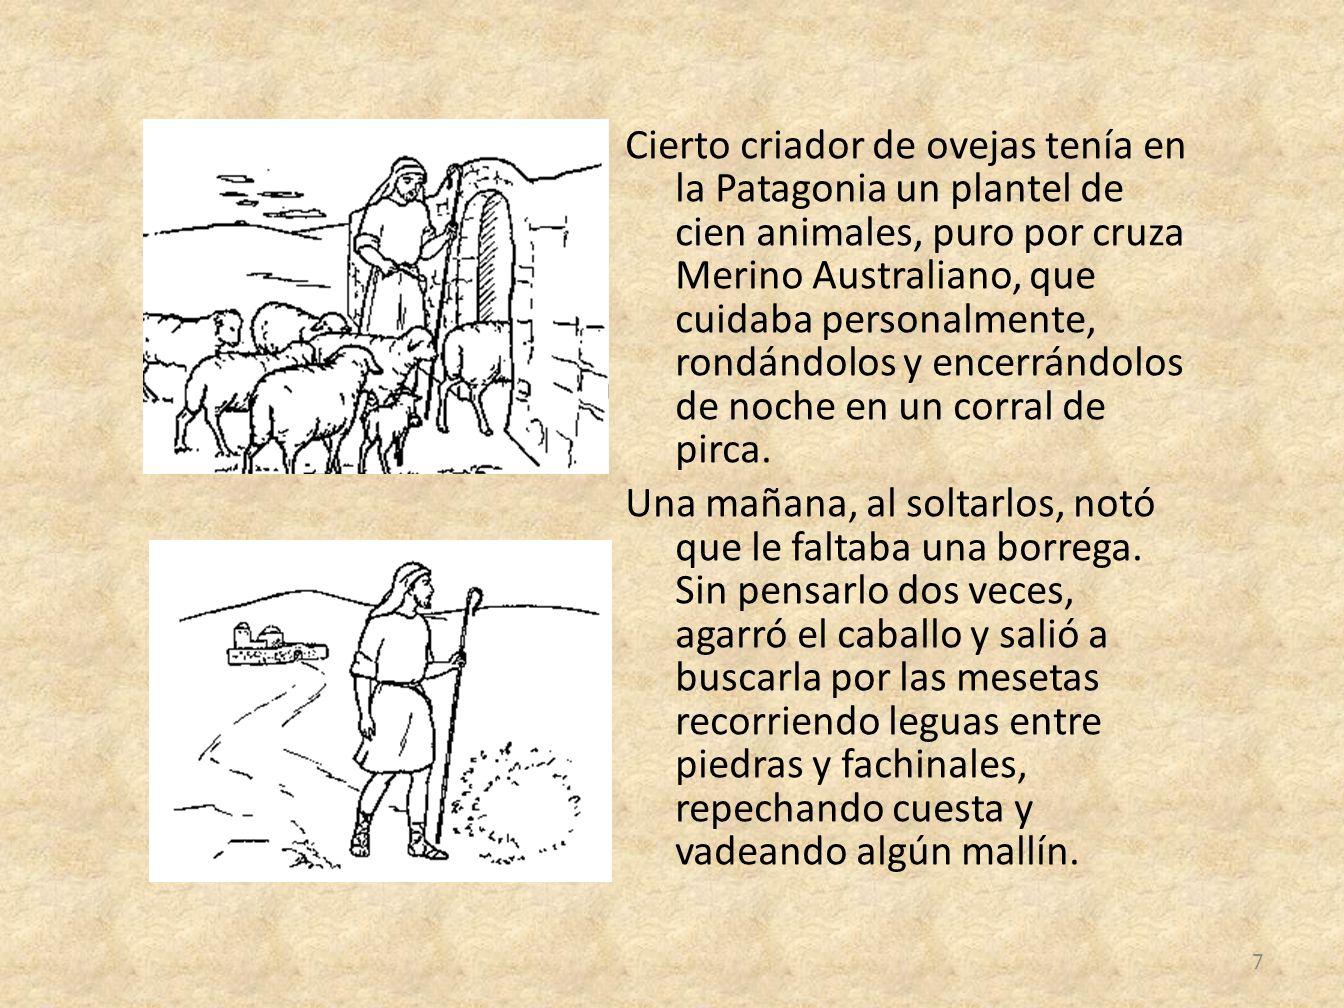 Cierto criador de ovejas tenía en la Patagonia un plantel de cien animales, puro por cruza Merino Australiano, que cuidaba personalmente, rondándolos y encerrándolos de noche en un corral de pirca.